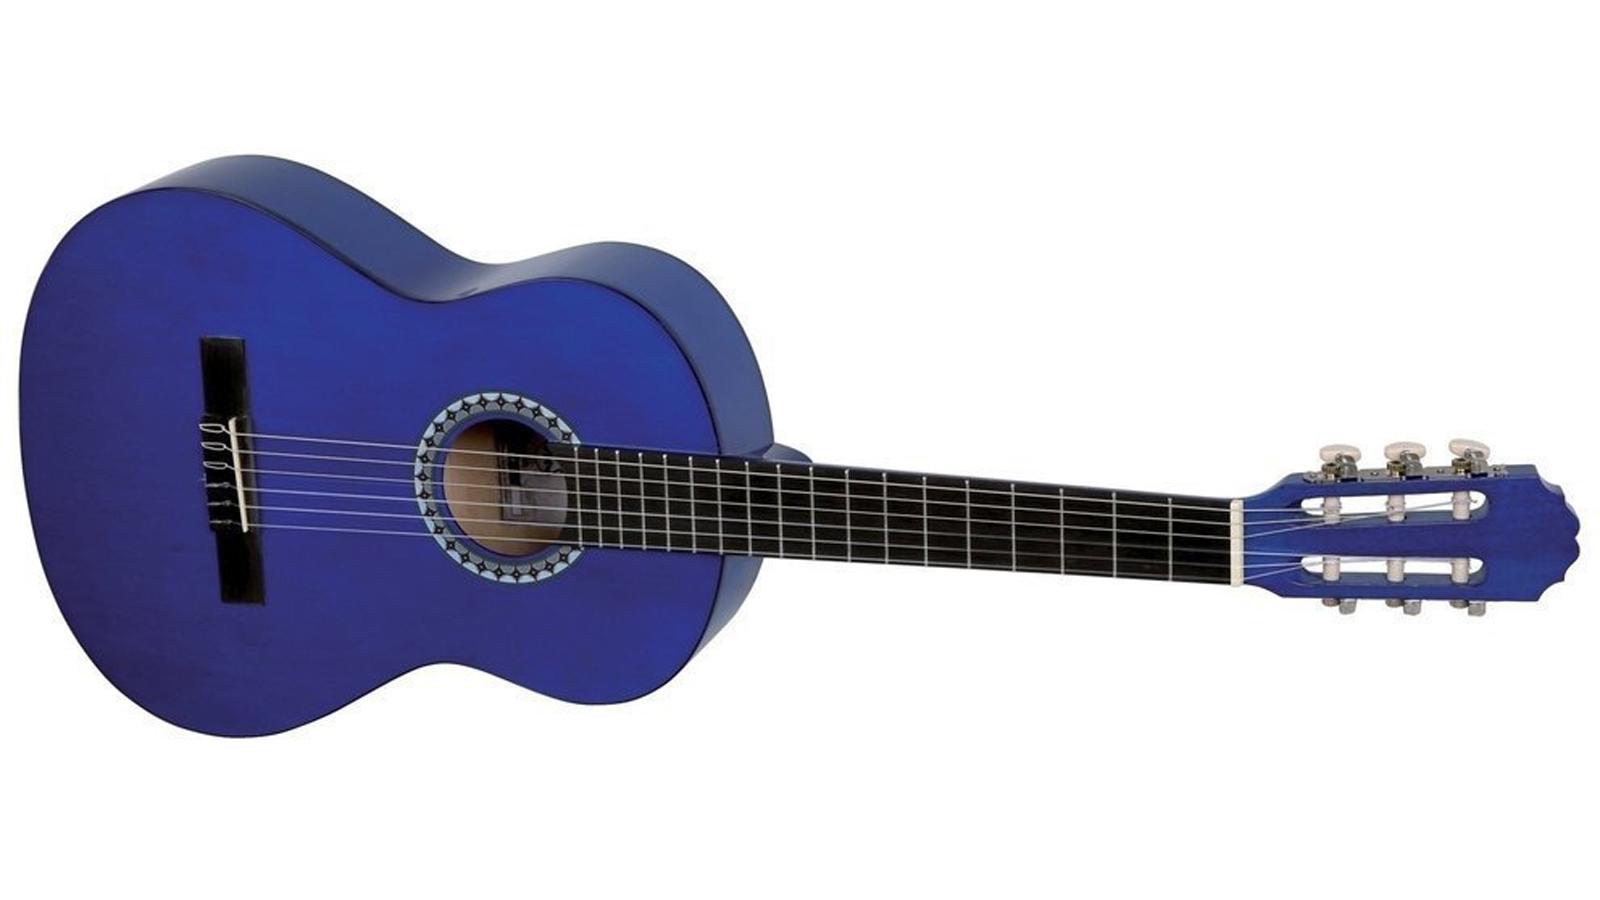 VGS Konzertgitarre 4/4 Blau Basic